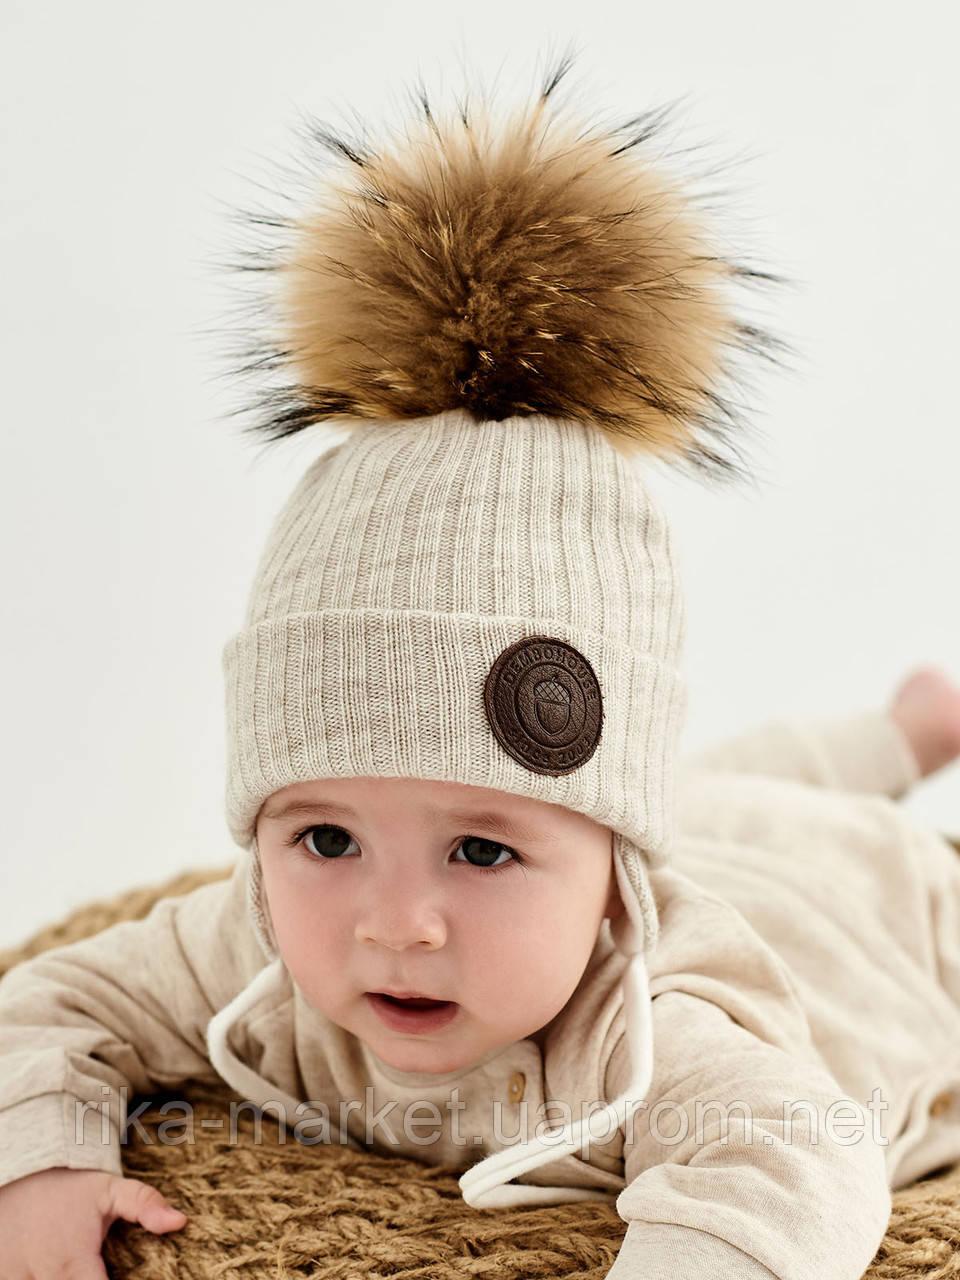 Шапка для мальчика  арт. Хельсинке, ТМ Дембохаус, от 6  до 12 месяцев